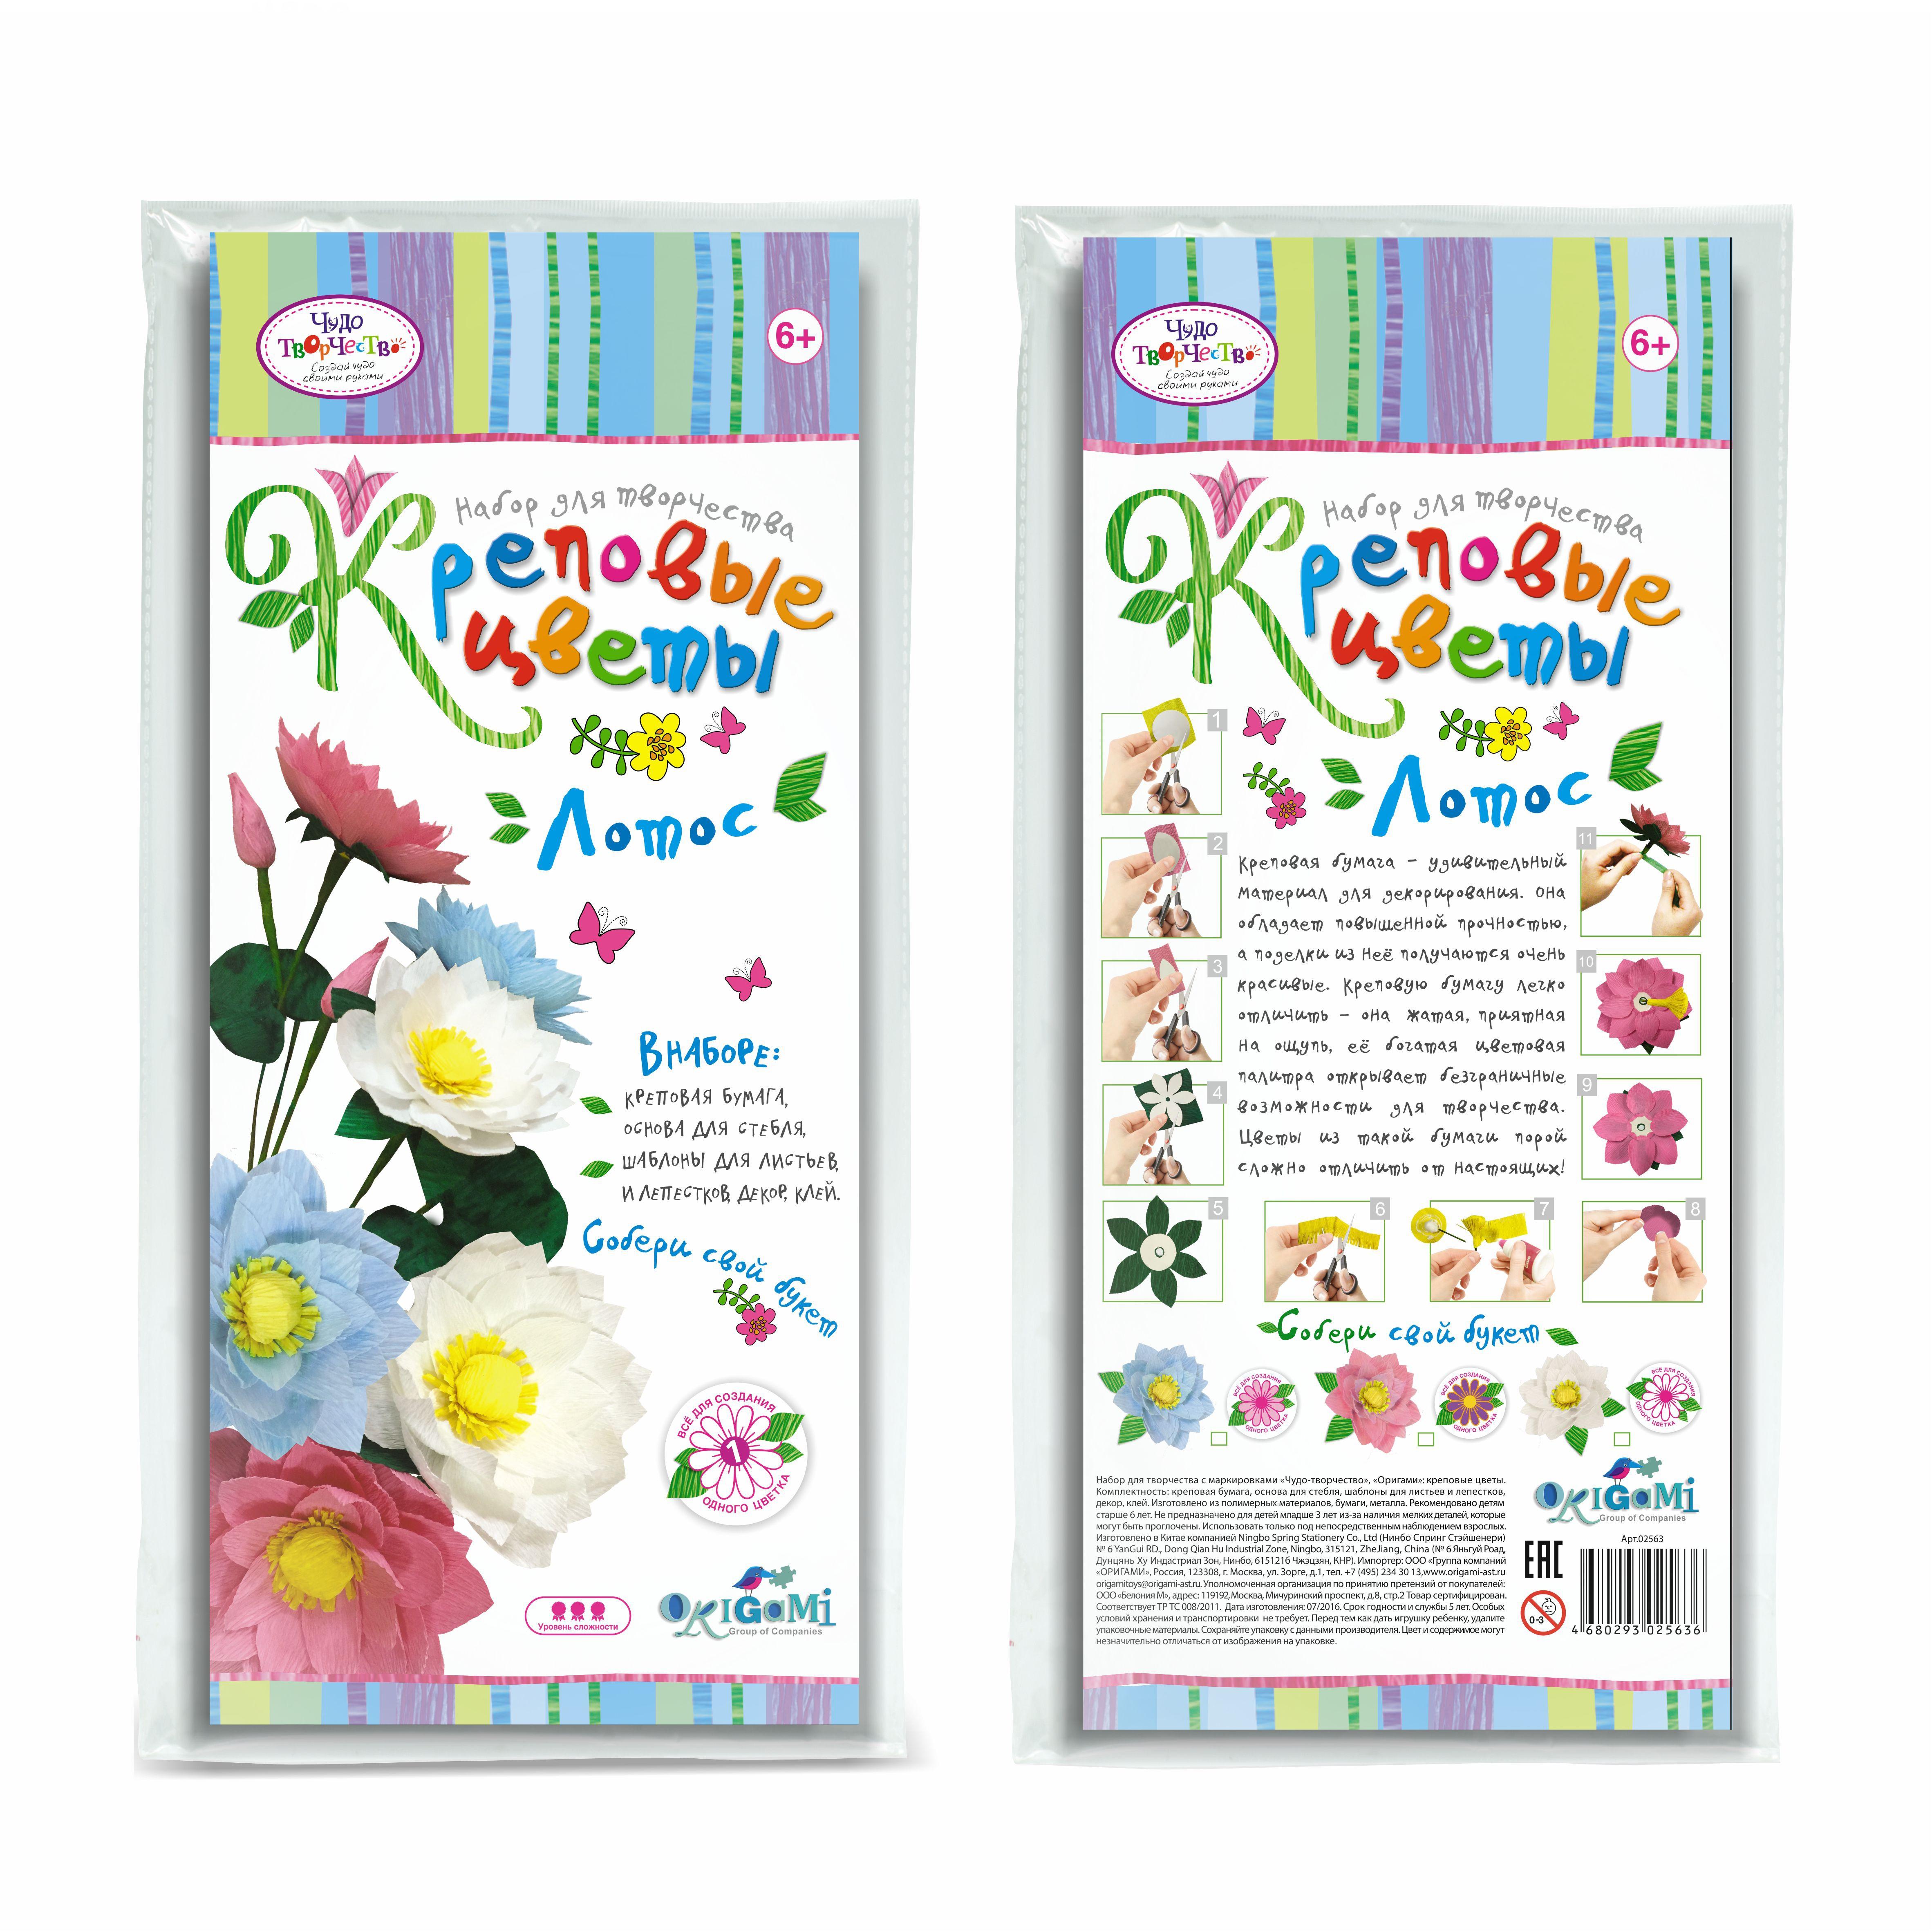 цена Наборы для творчества Origami Креповые цветы Лотос